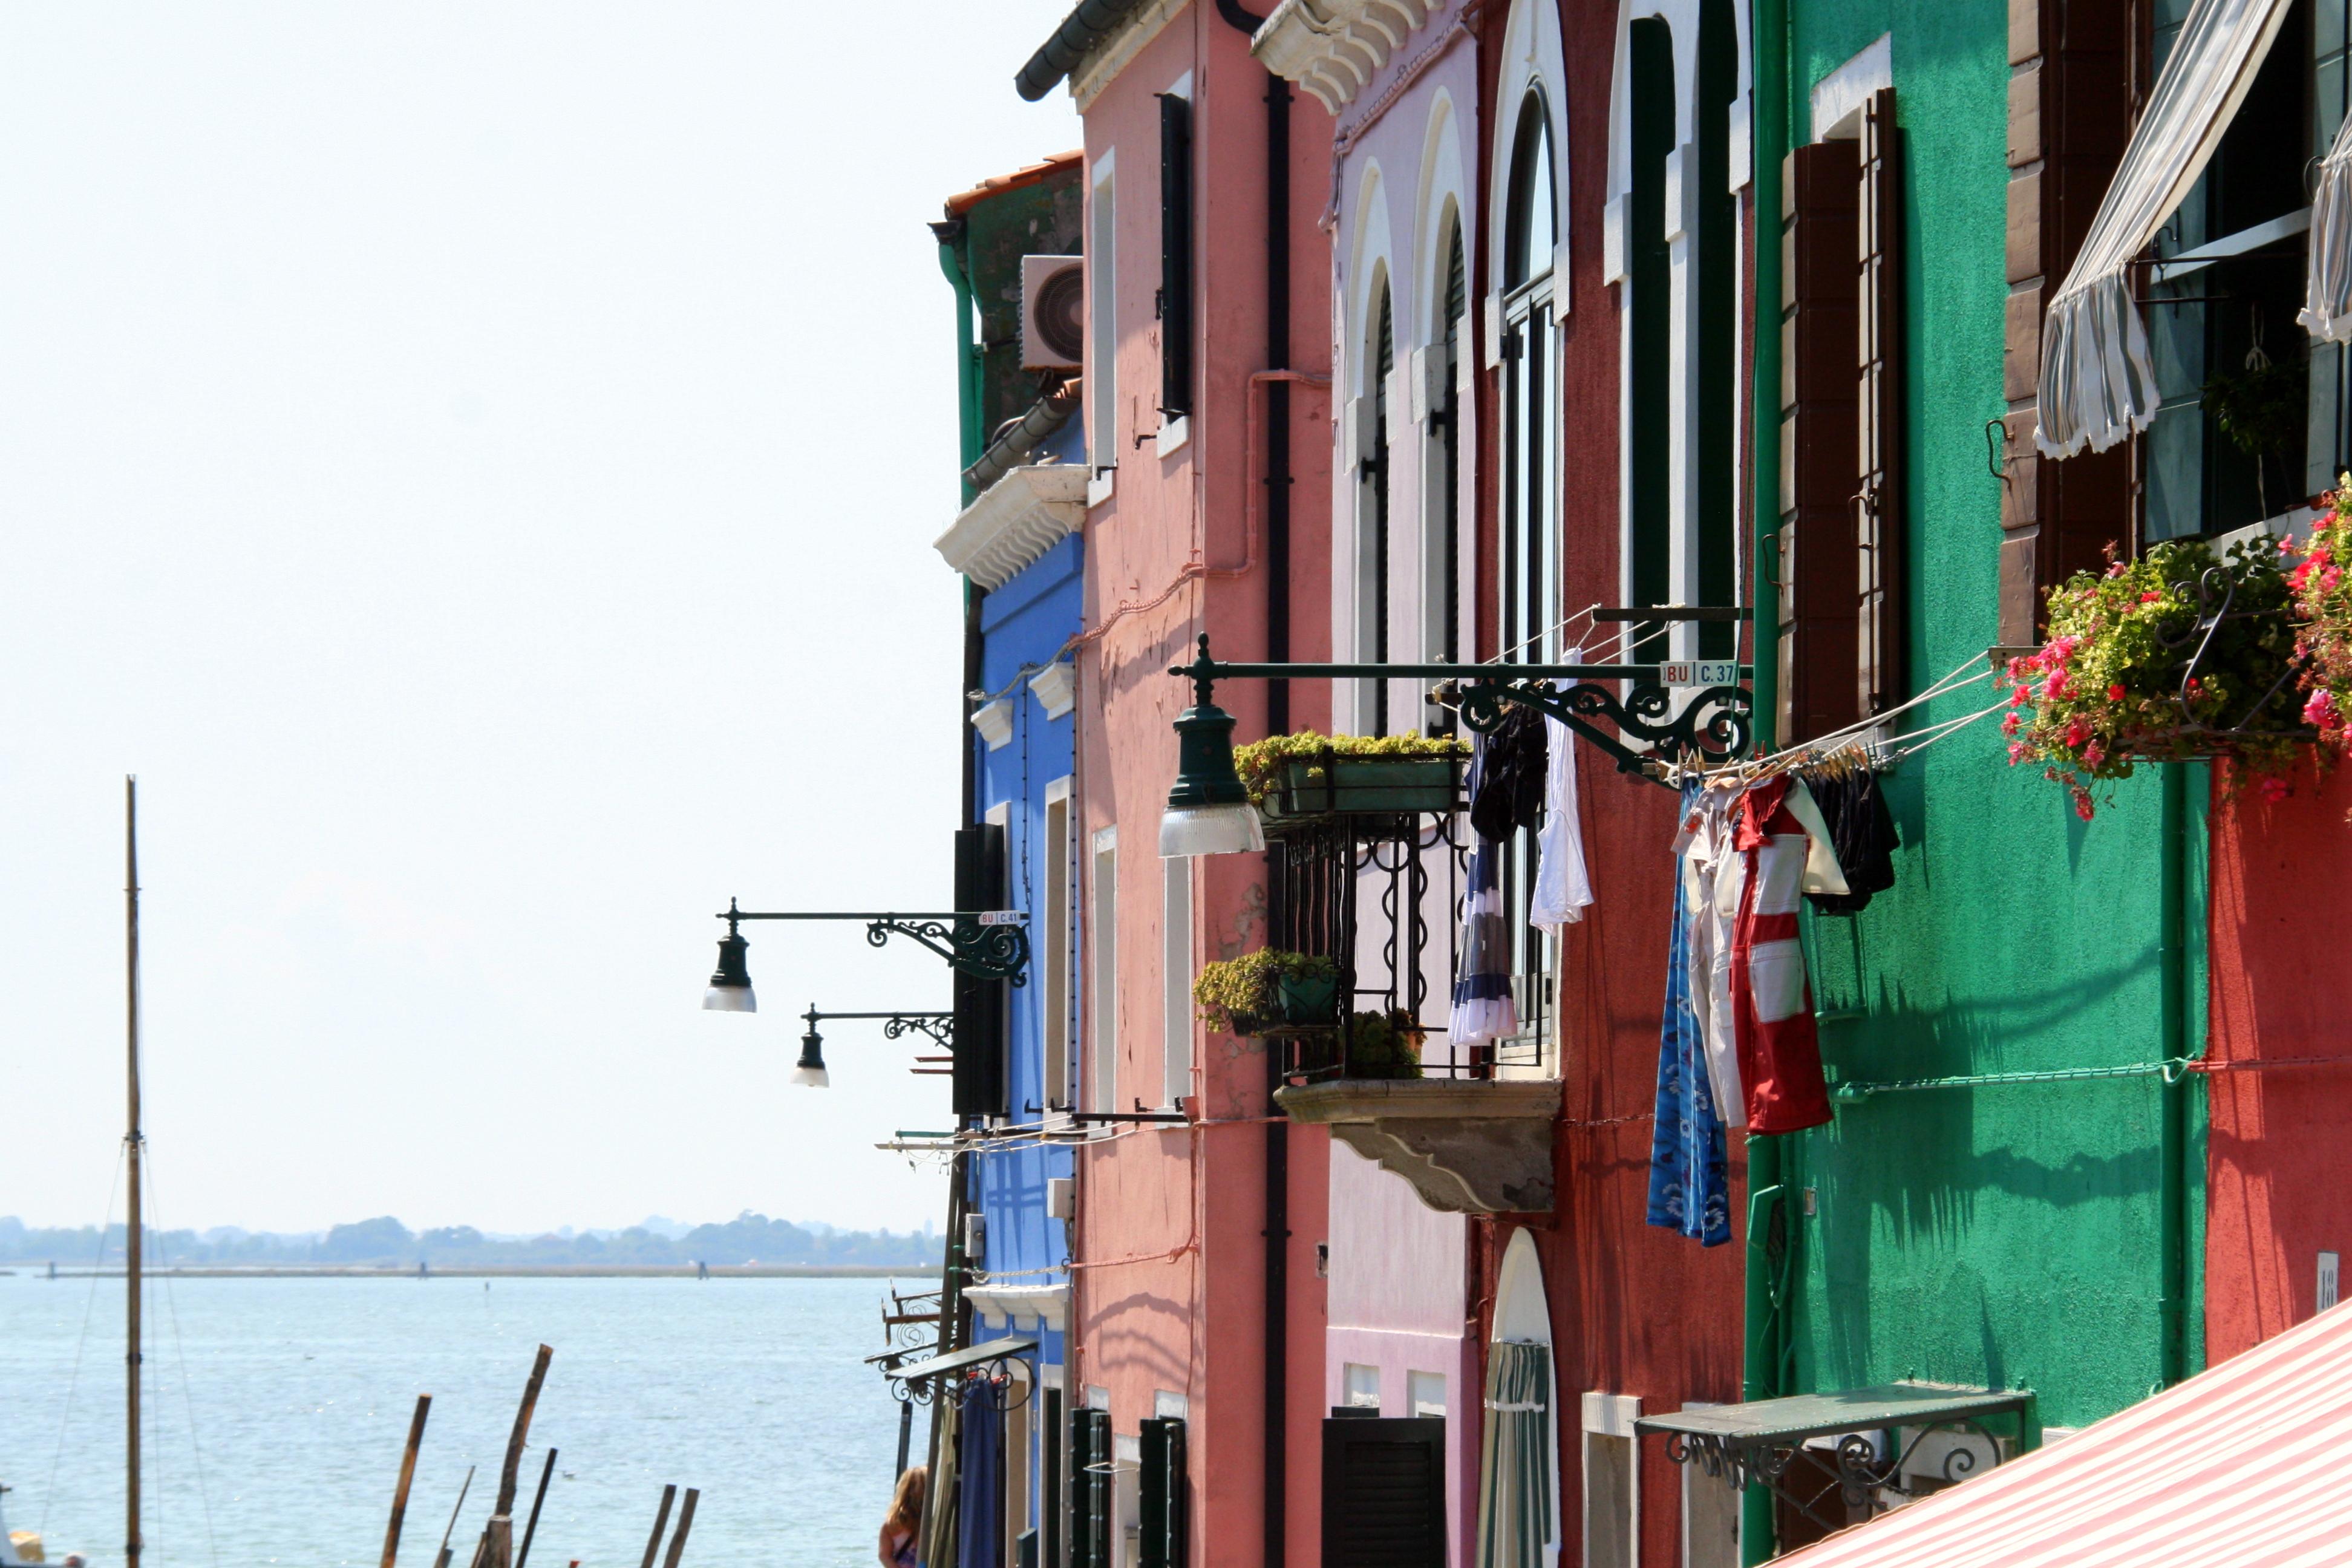 venezia 2 parte (7)